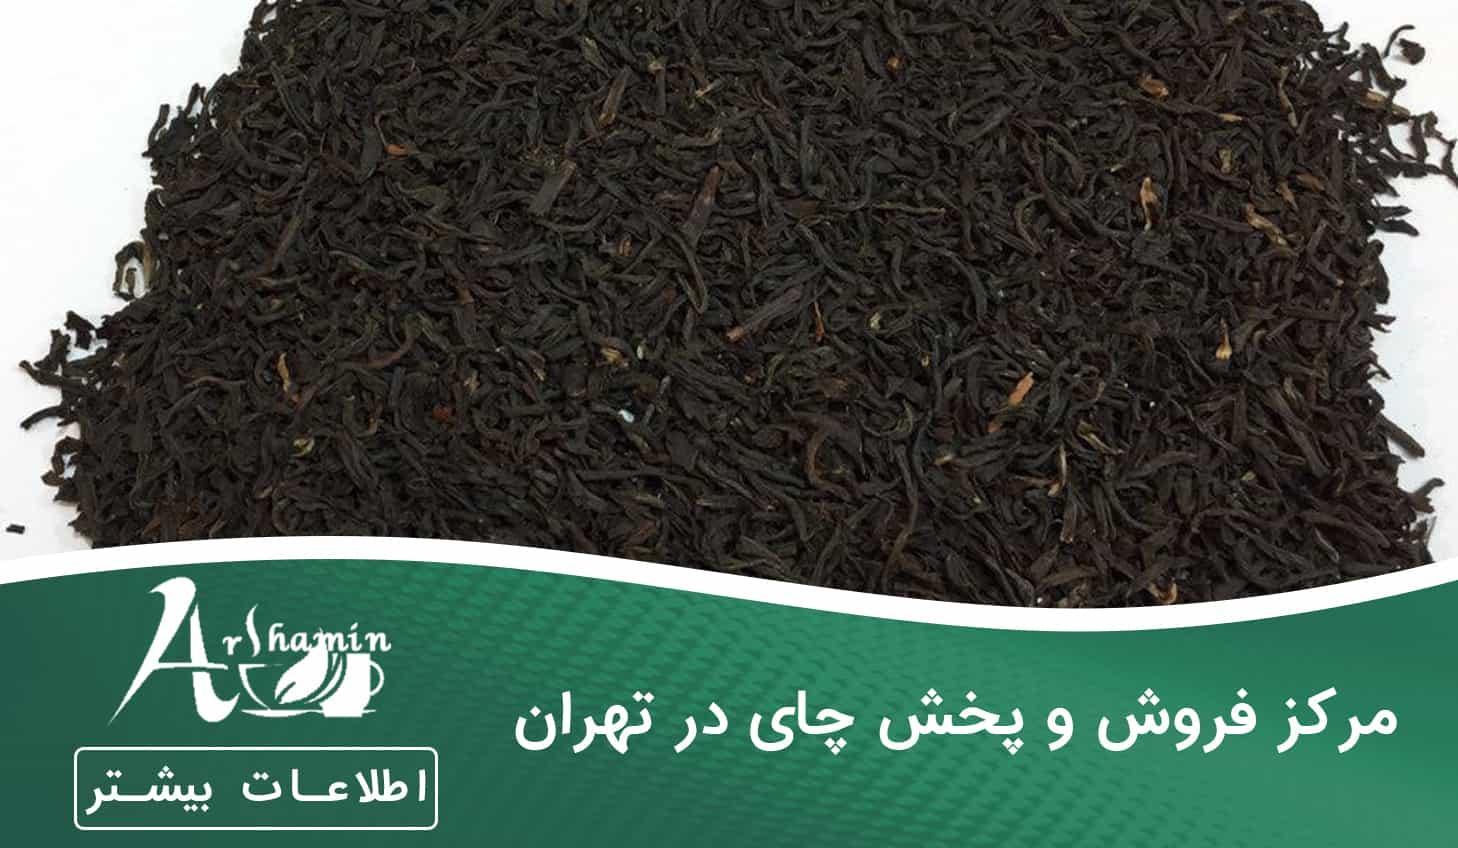 مرکز فروش و پخش چای در تهران